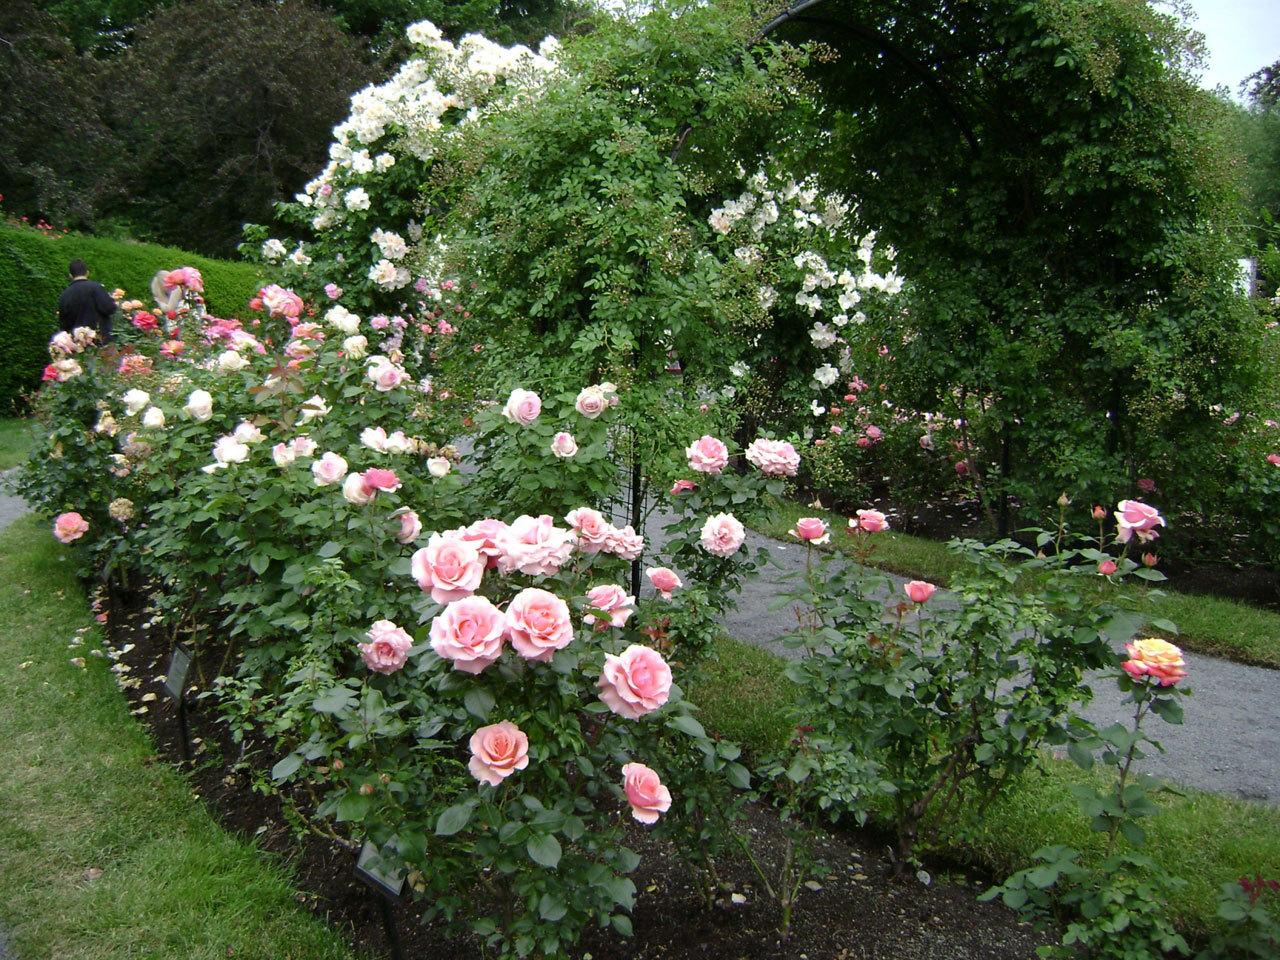 Стихи росы на розах - сборник красивых стихов в доме солнца